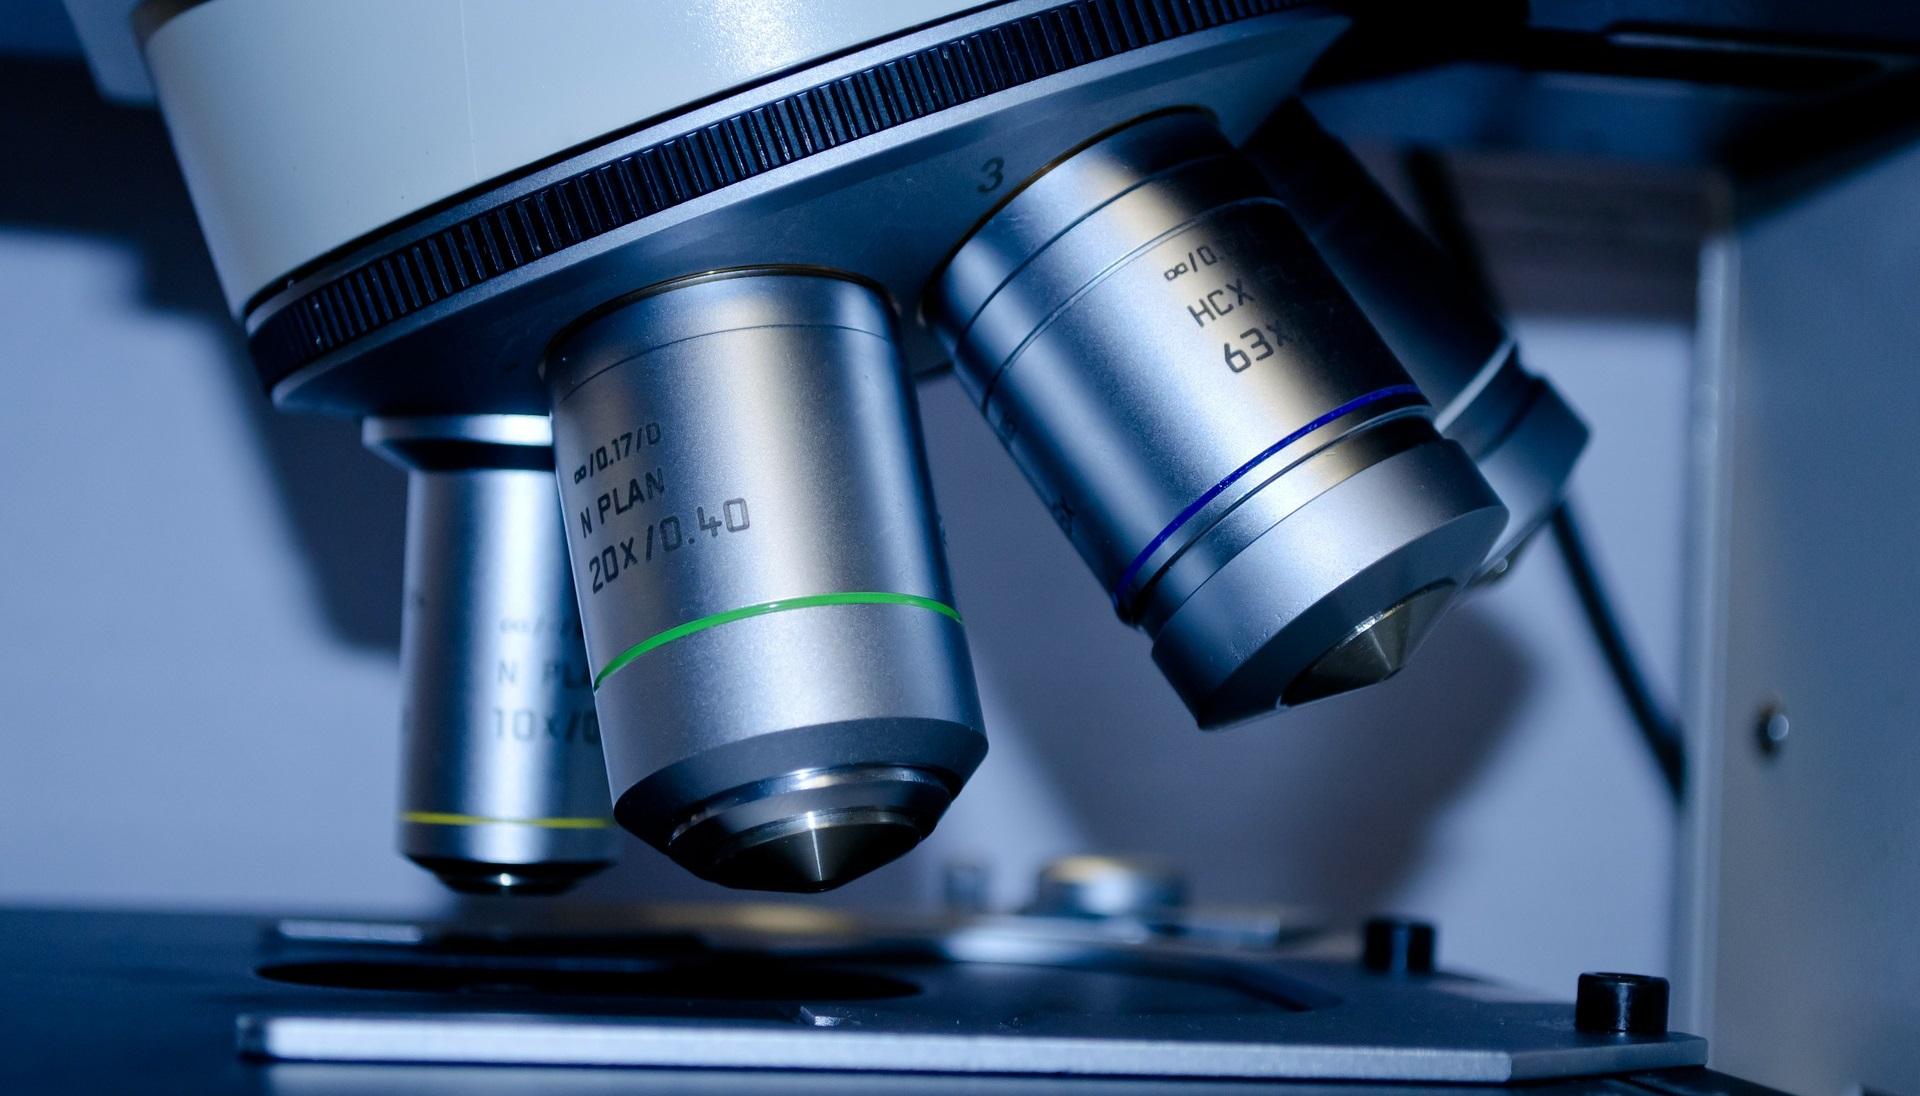 sciences, physique, comprendre pourquoi, recherche scientifique, changement de carrière, lasers